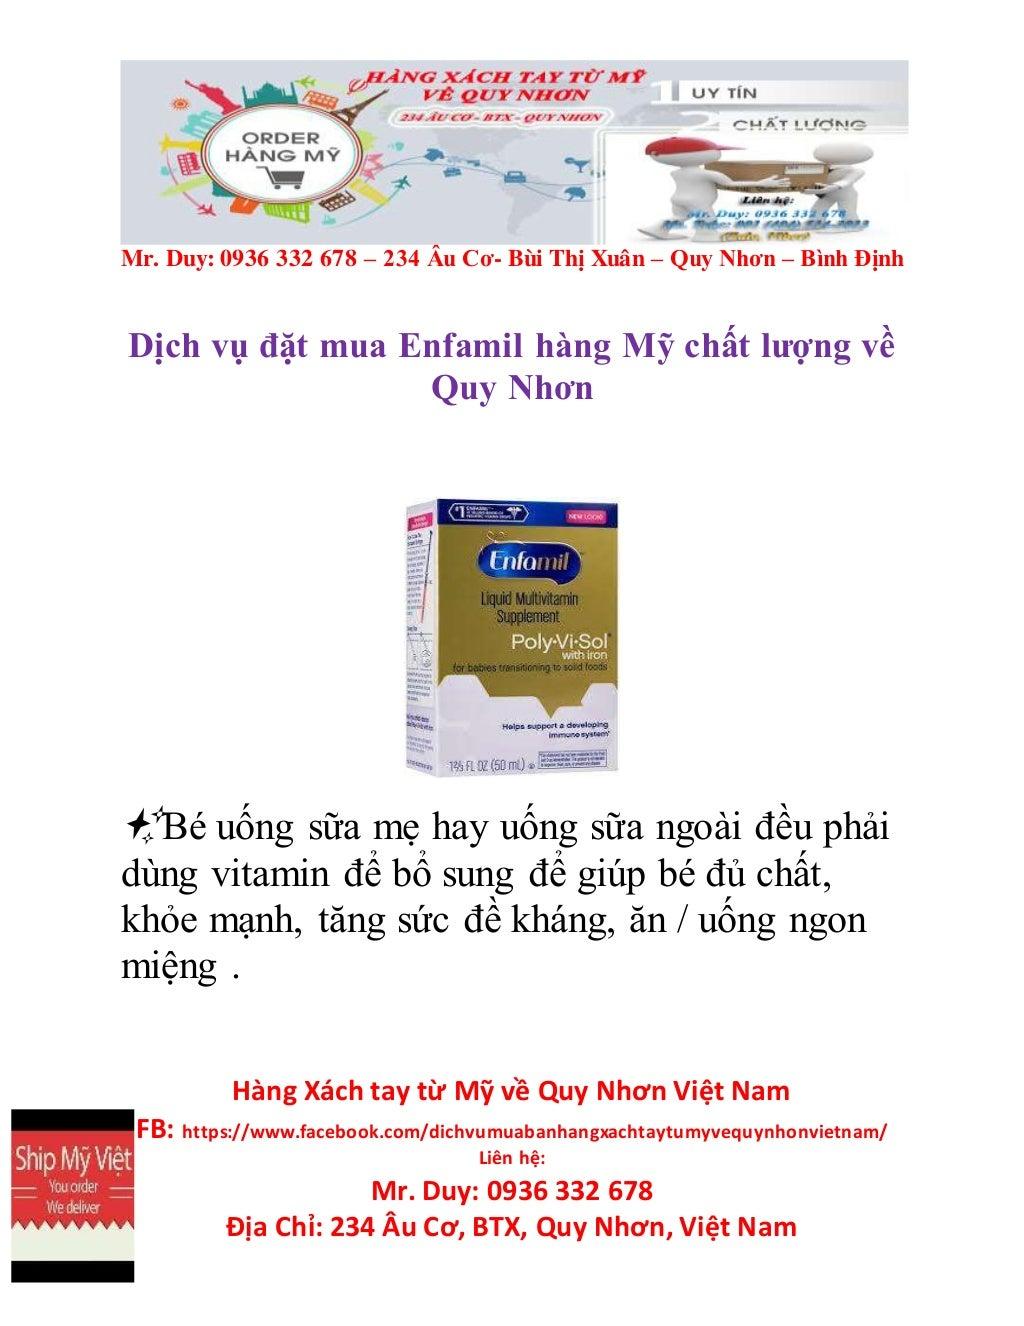 Địa điểm mua thuốc bổ xách tay về Quy Nhơn nhanh nhất - Magazine cover